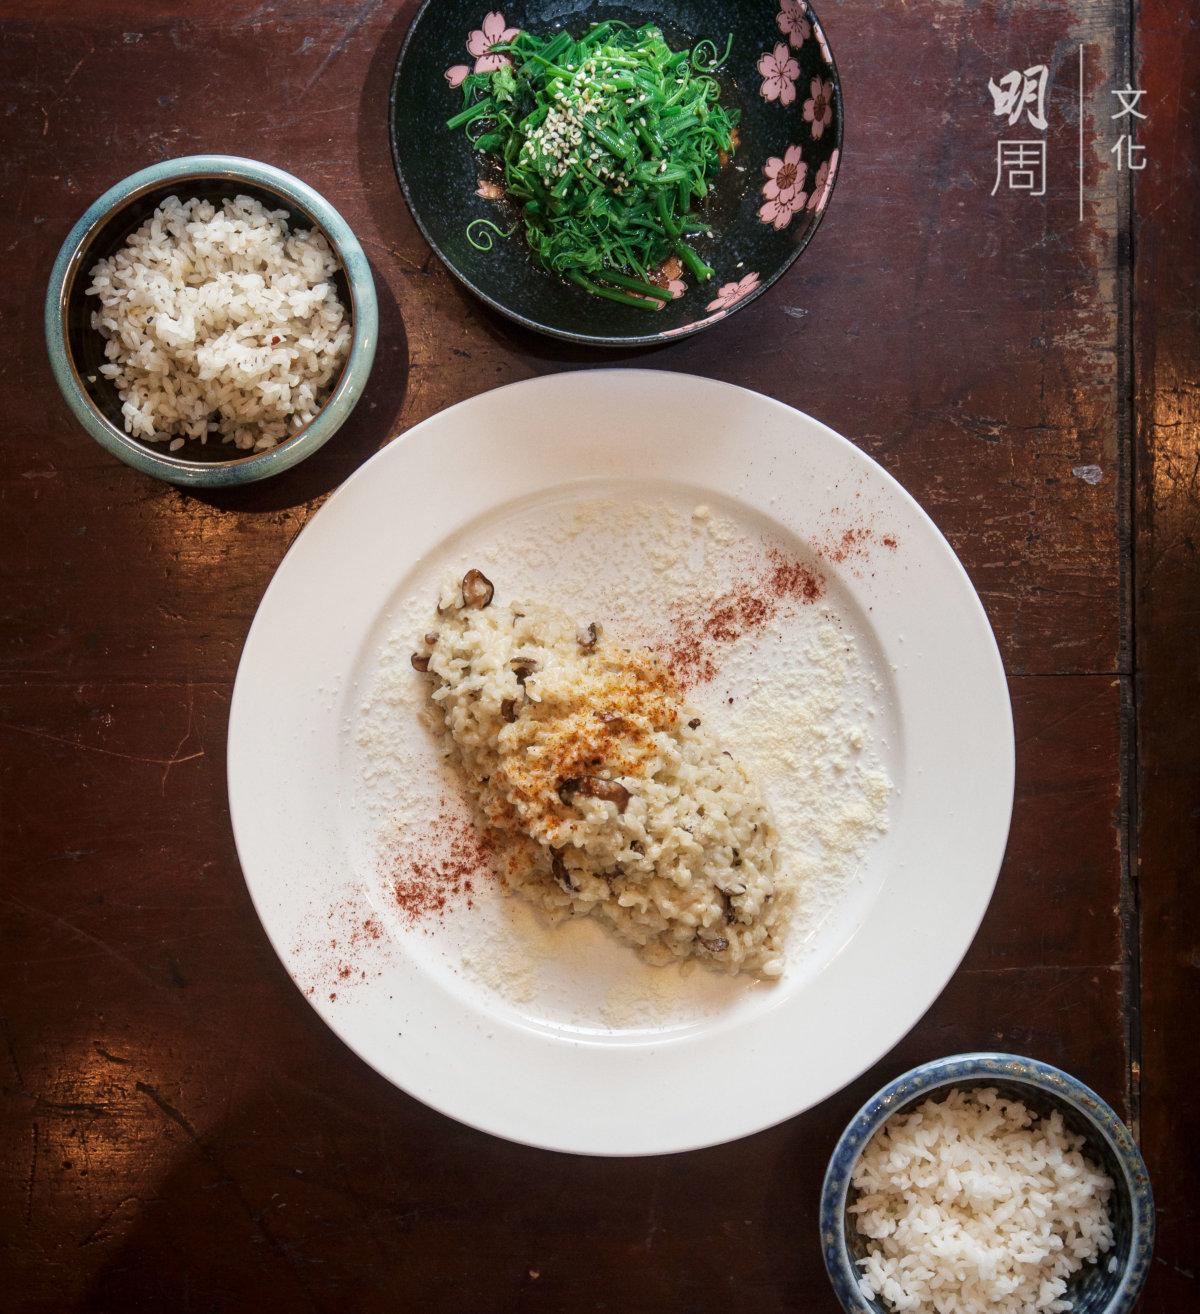 意大利燉飯、白米飯、烤飯,一餐家宴呈現三種飯,這才是主要菜式。